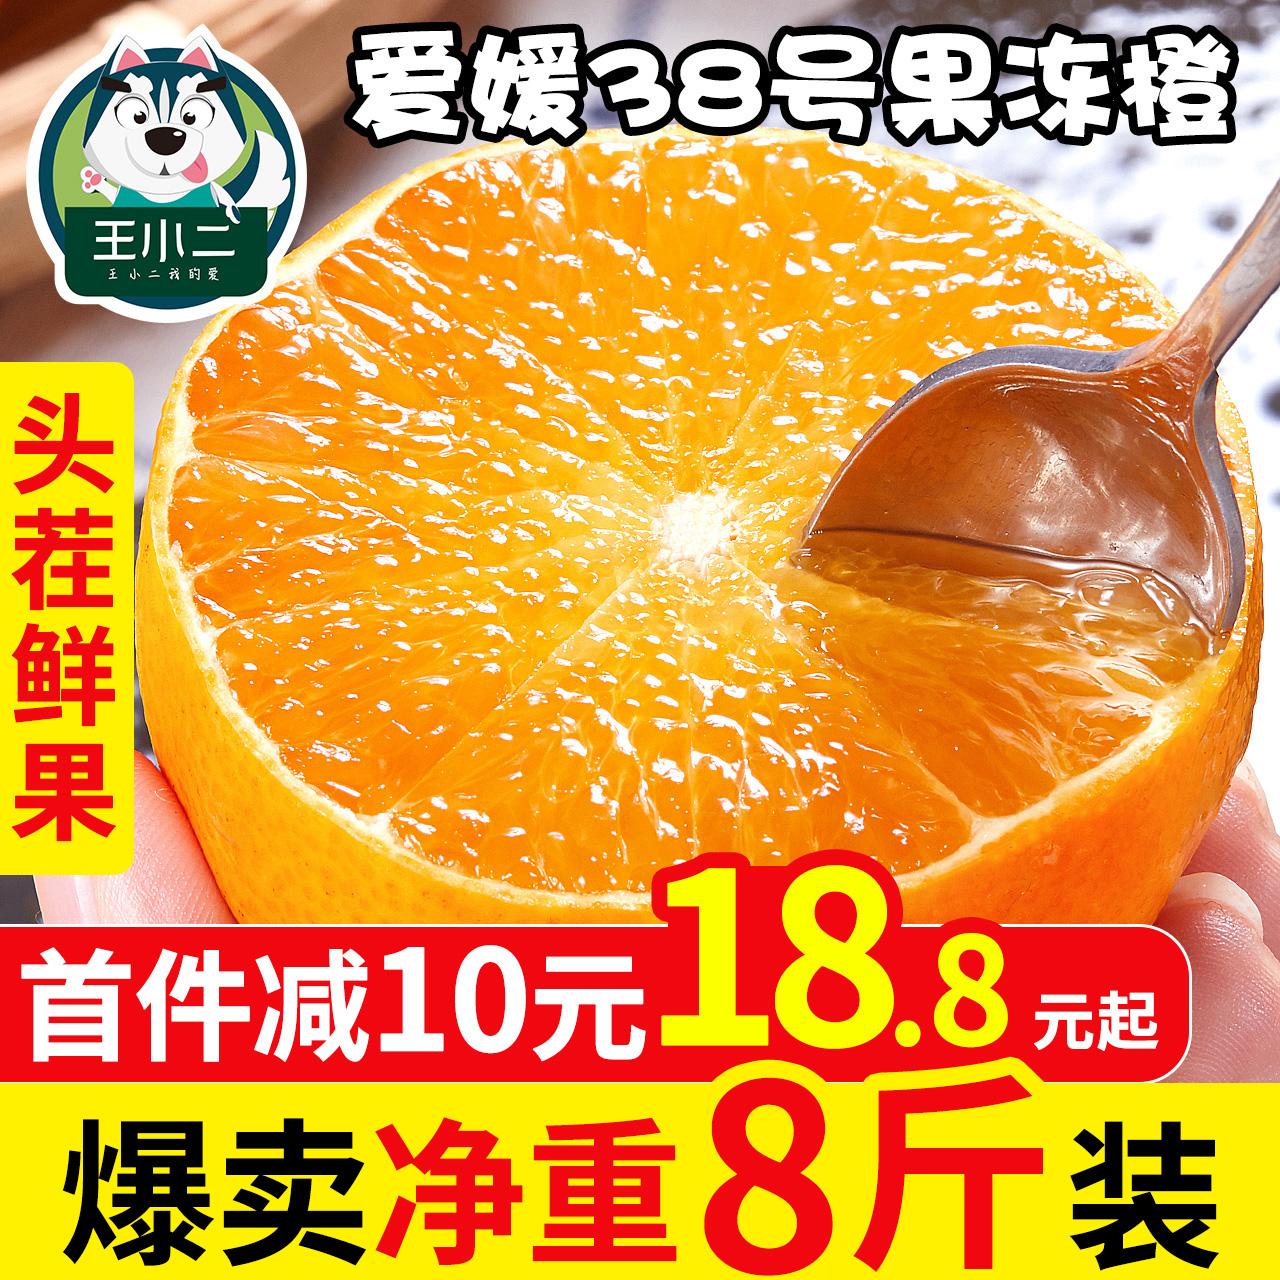 四川爱媛38号果冻橙8斤装橙子新鲜当季水果整箱柑橘蜜桔子10包邮